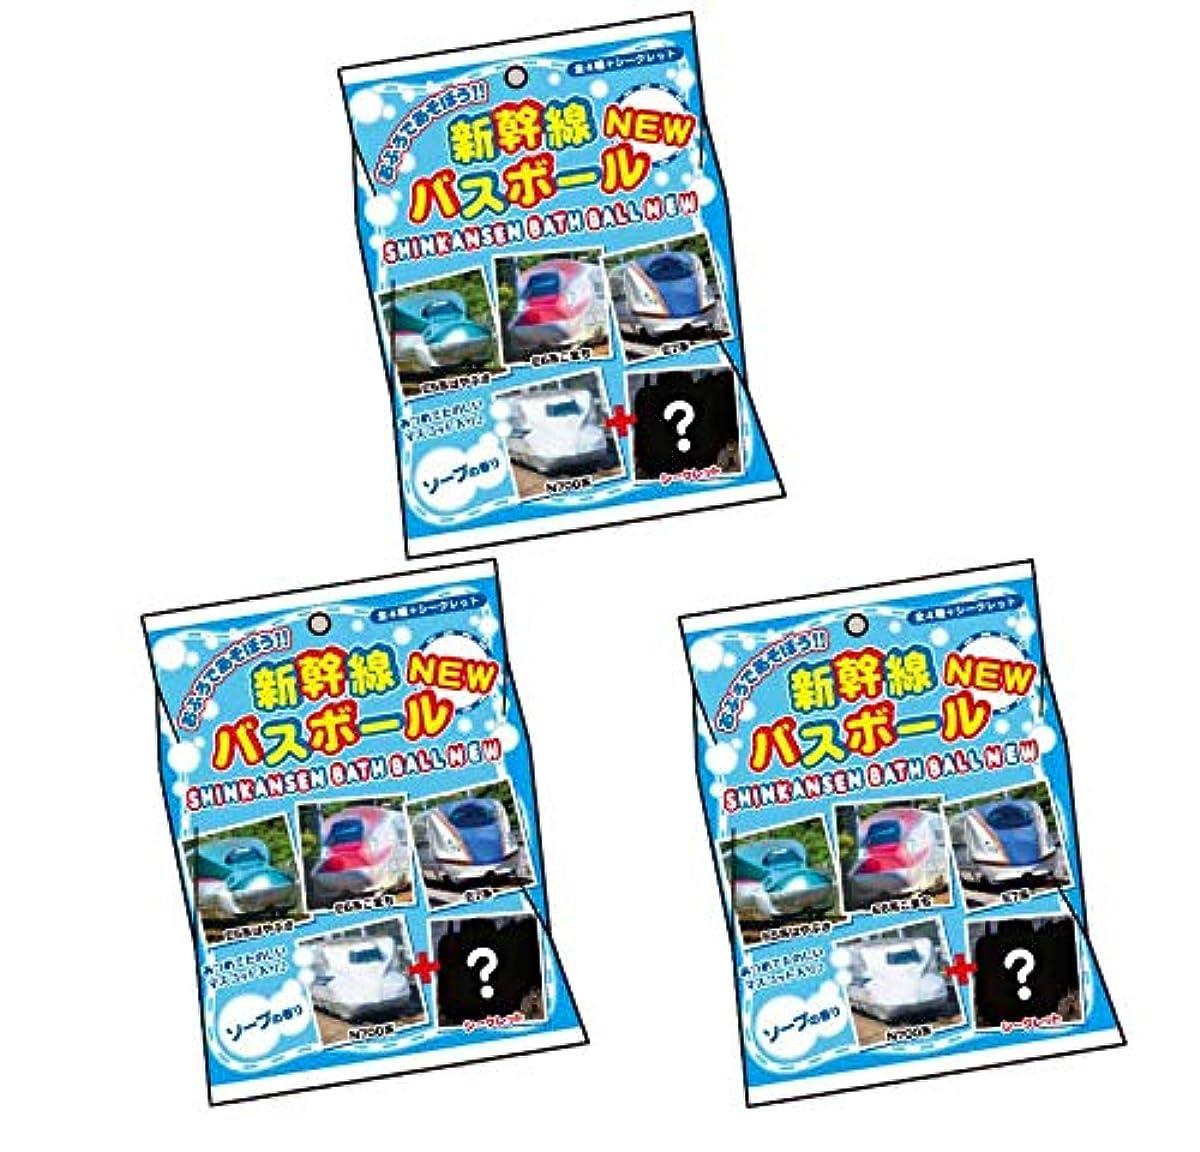 十代の若者たちカード分類するJR新幹線 入浴剤 マスコットが飛び出るバスボール NEW 【3個セット】